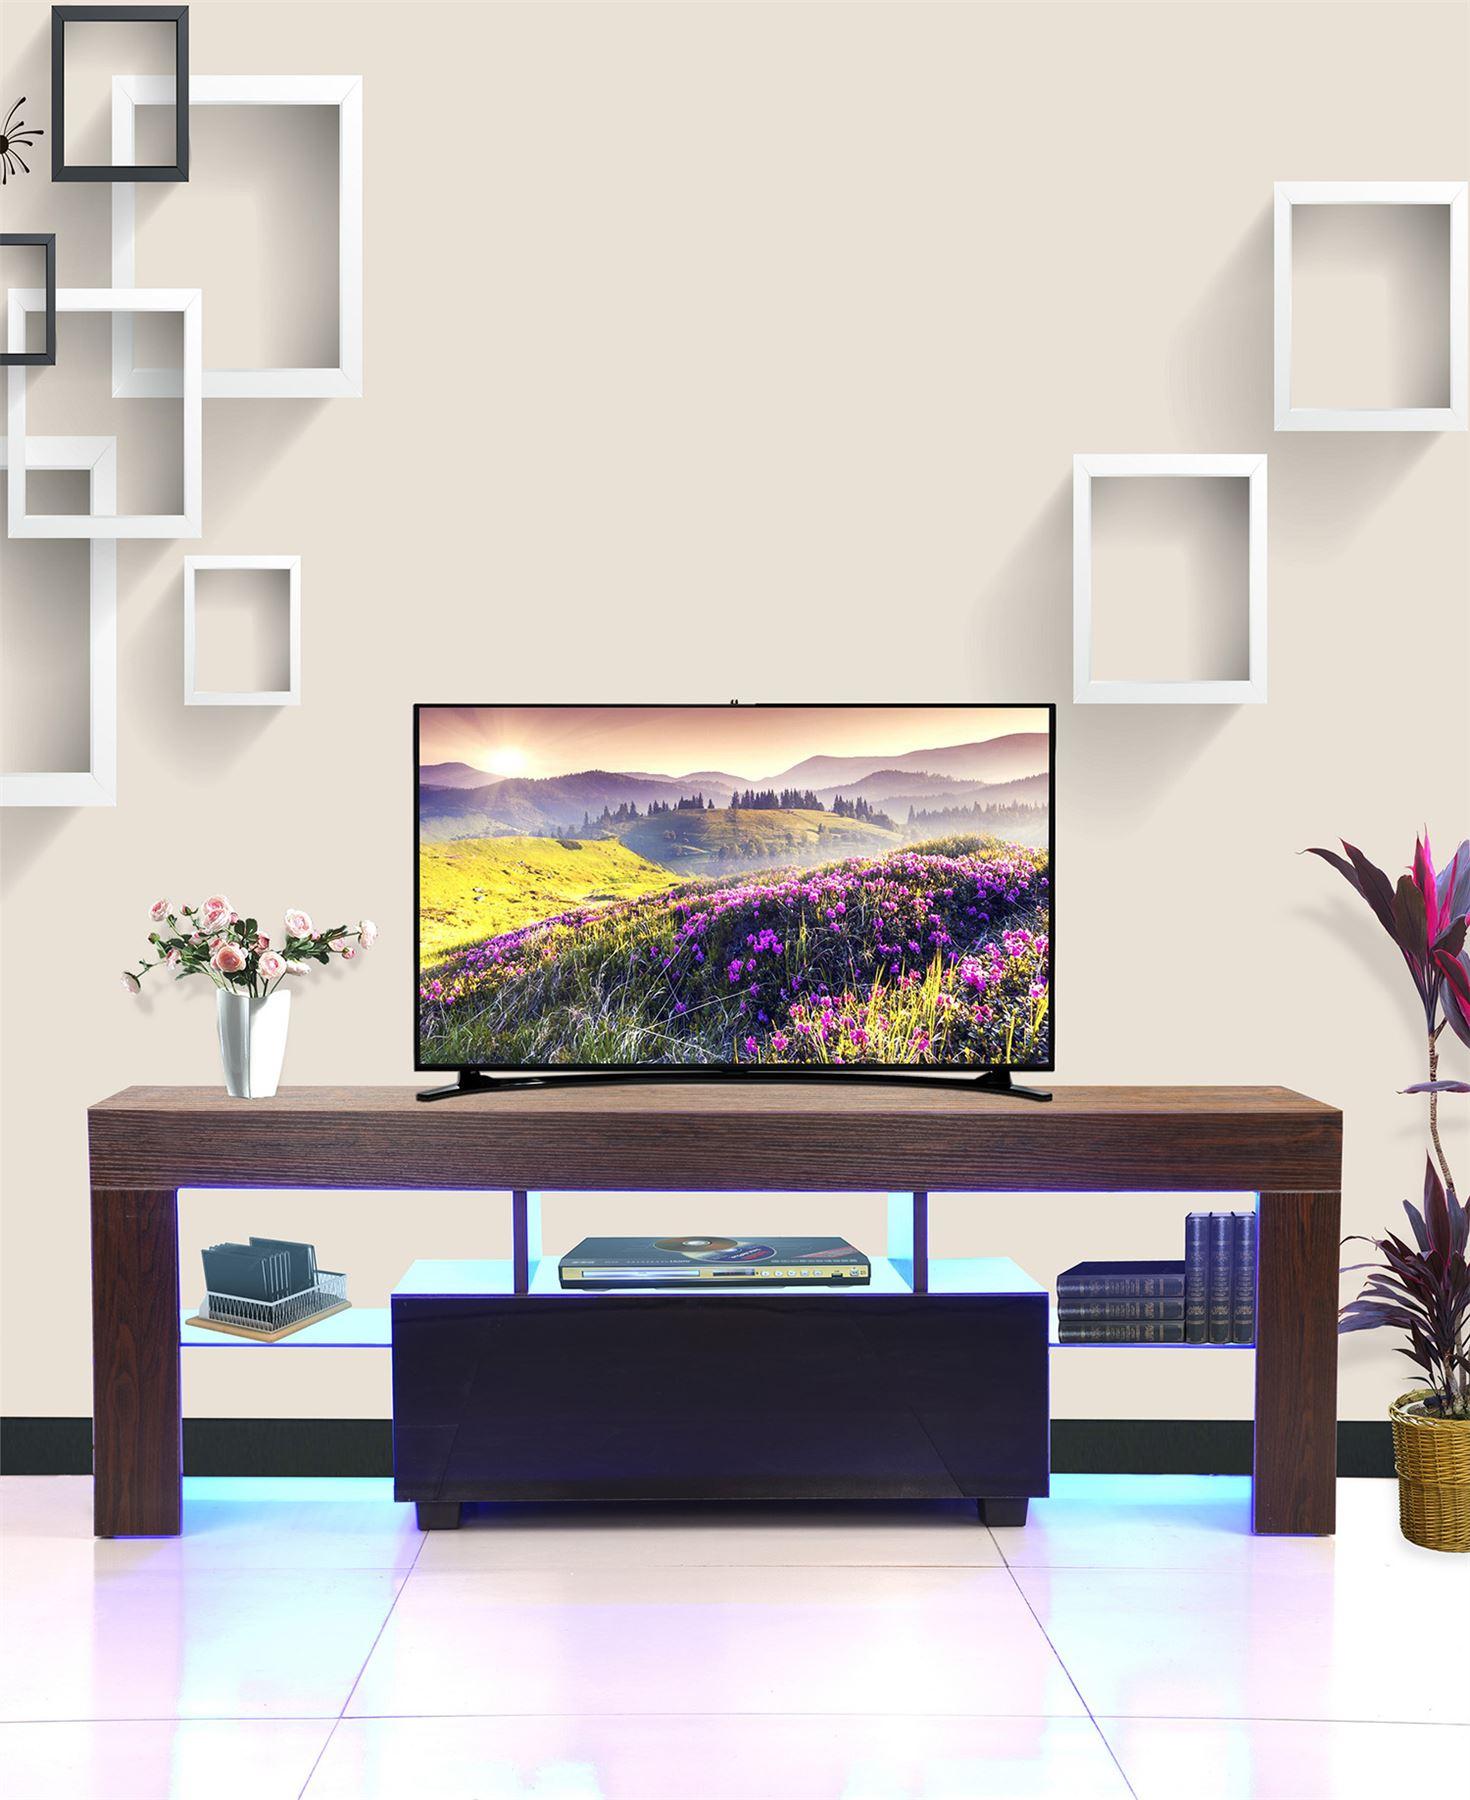 High Design Furniture: Modern TV Cabinet White 130cm Stand Unit Furniture High